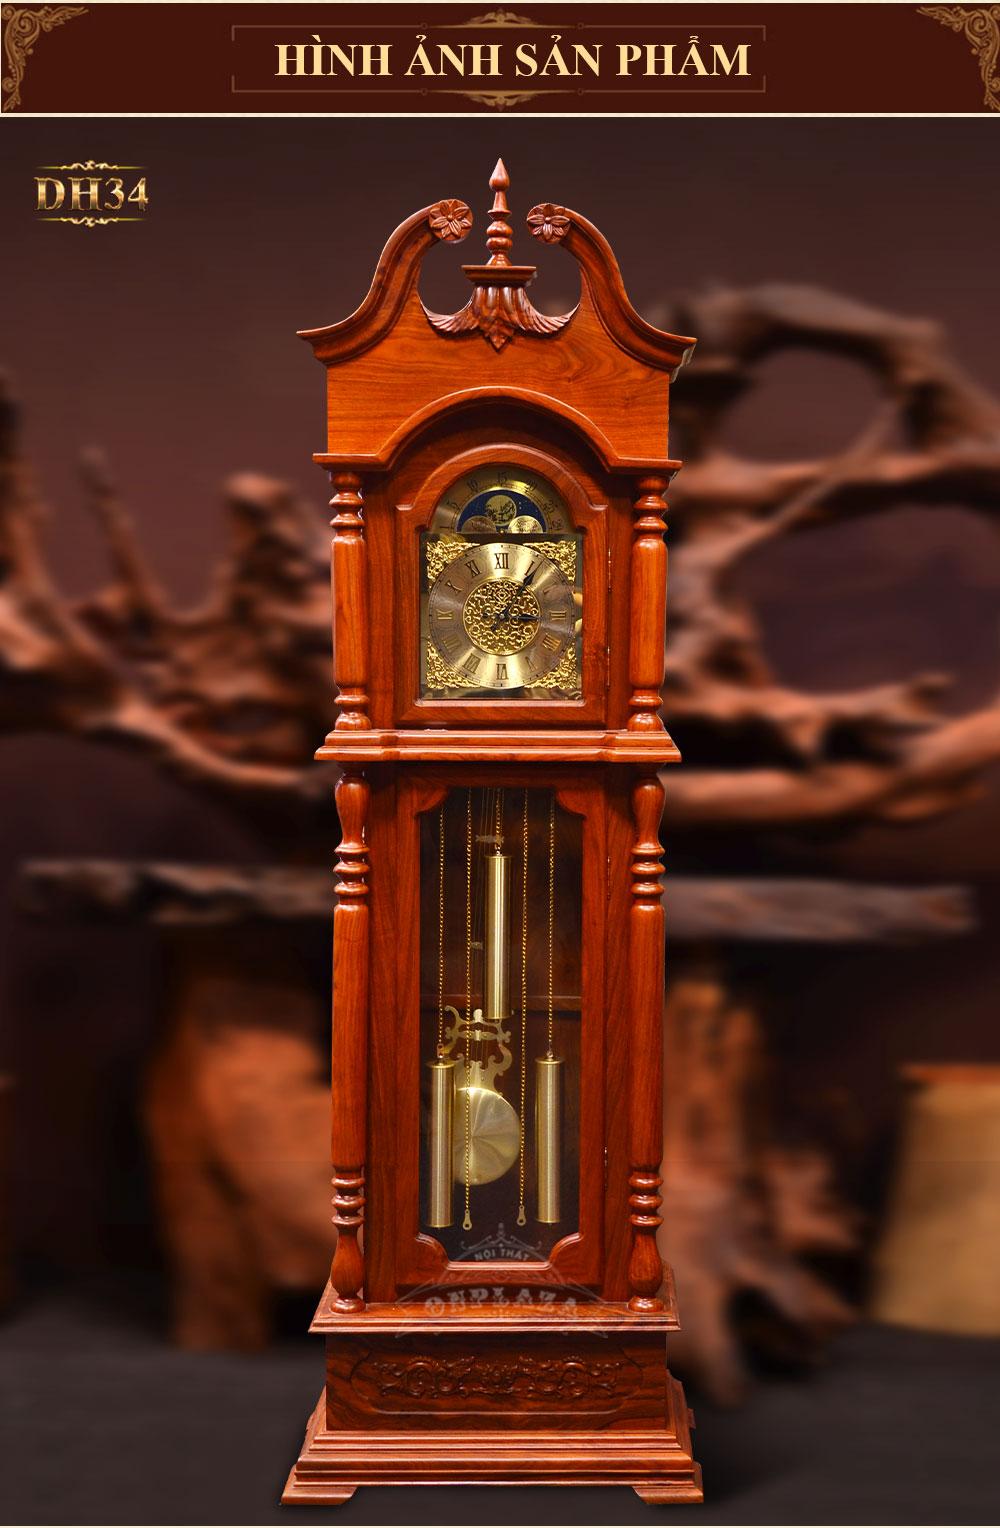 Đồng hồ cây vuông, móc mỏ, vân gỗ hương đỏ DH34